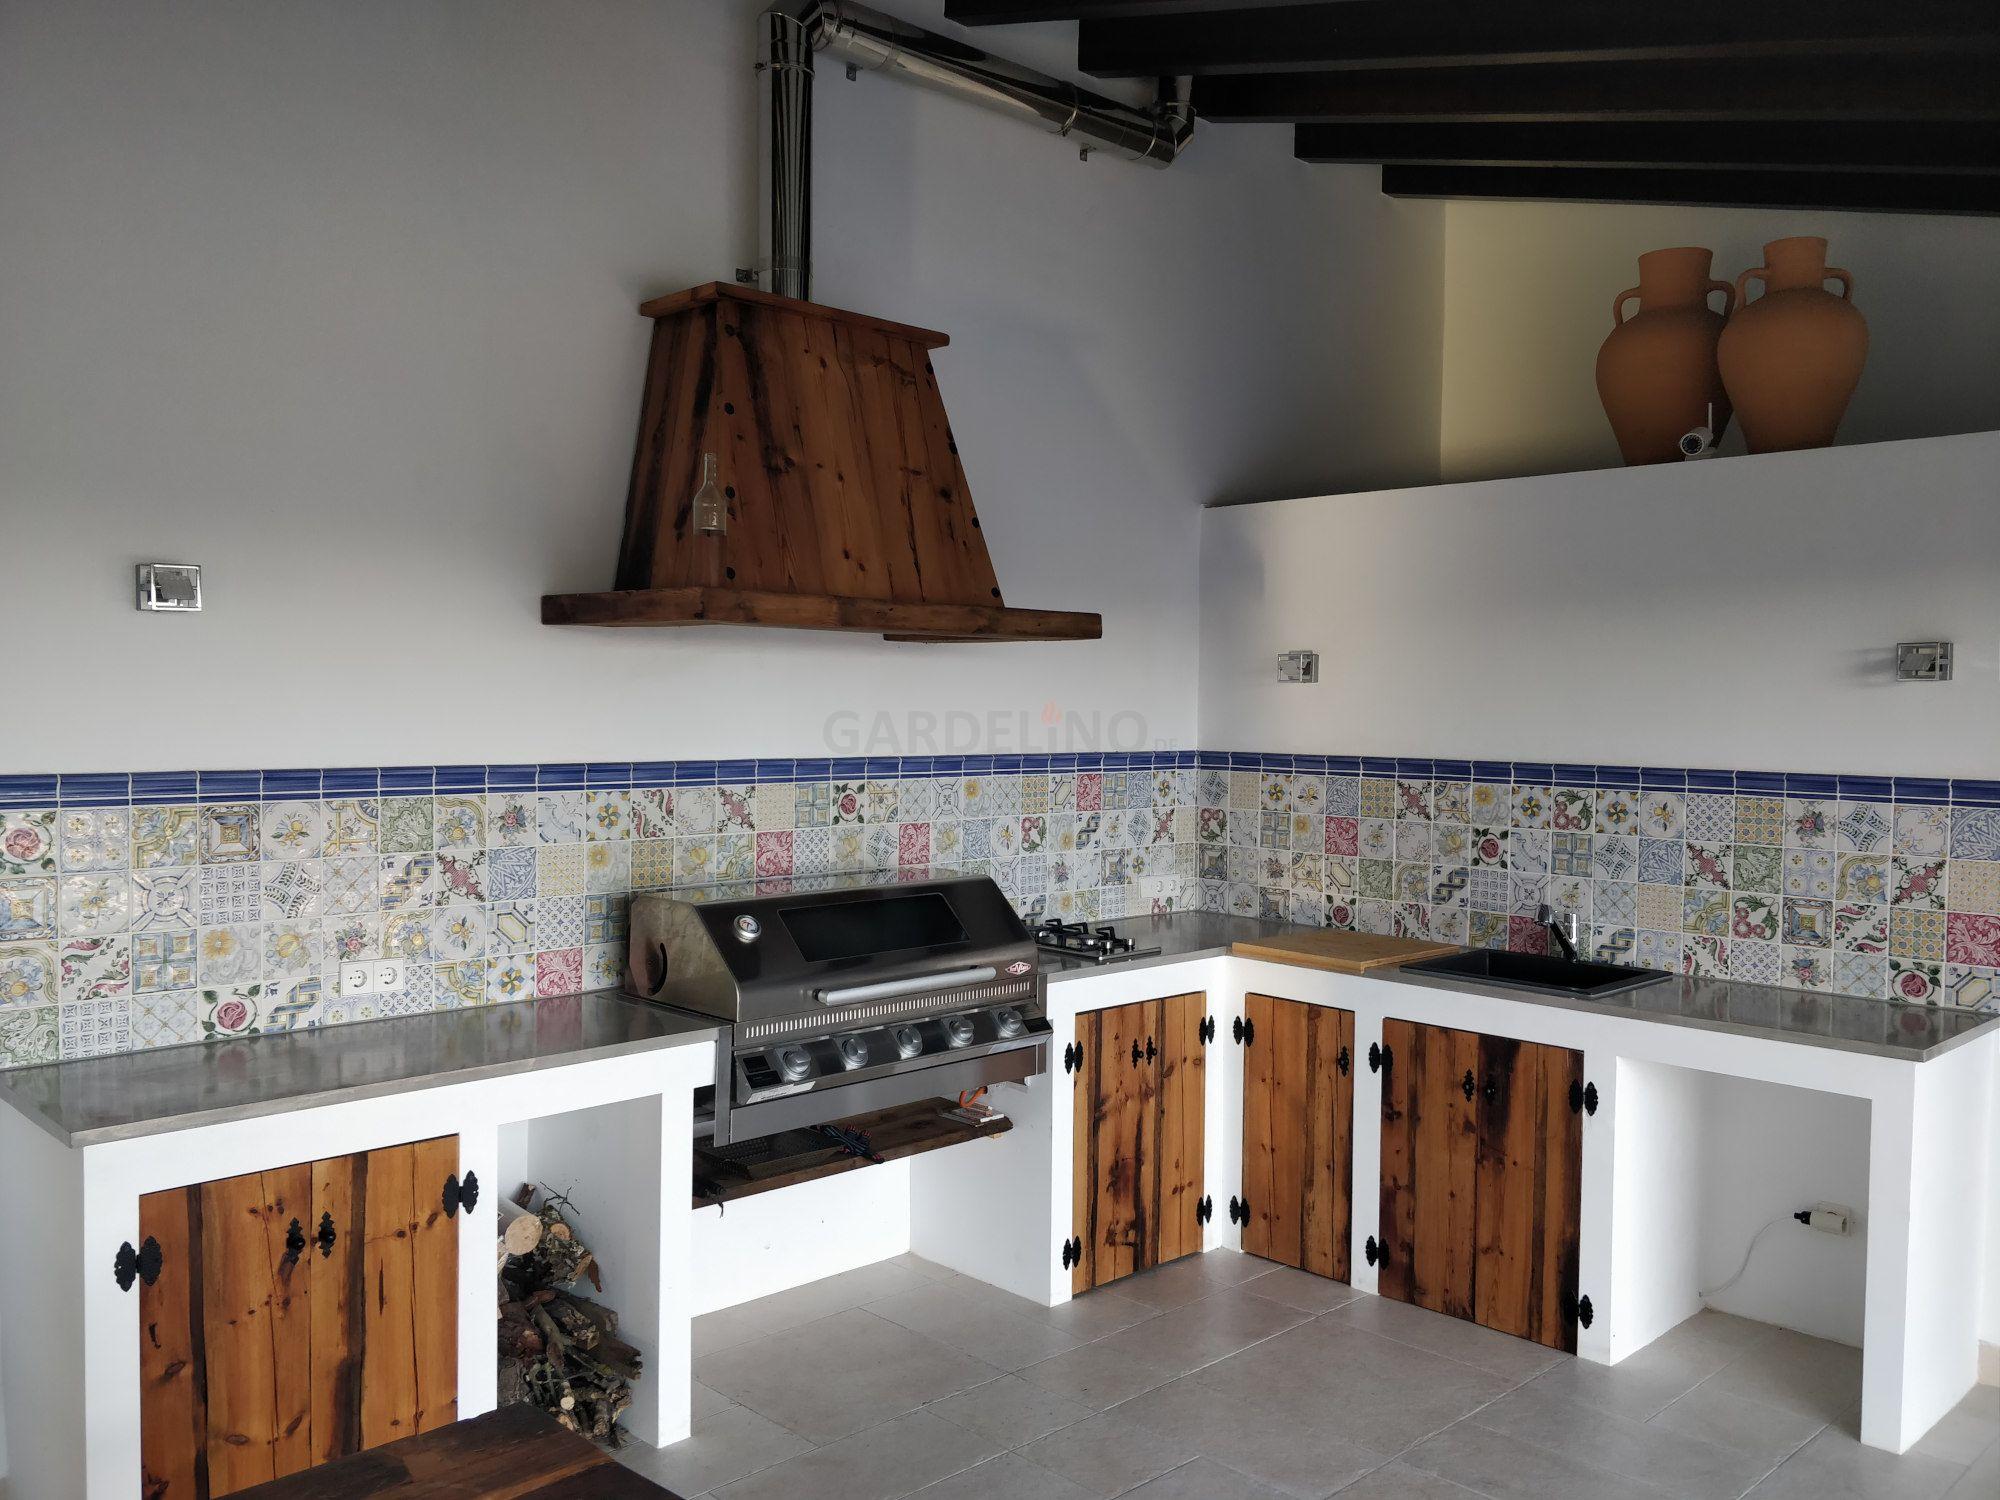 Rustikale Outdoor Küche im Landhausstil aus Holz und Beton ...